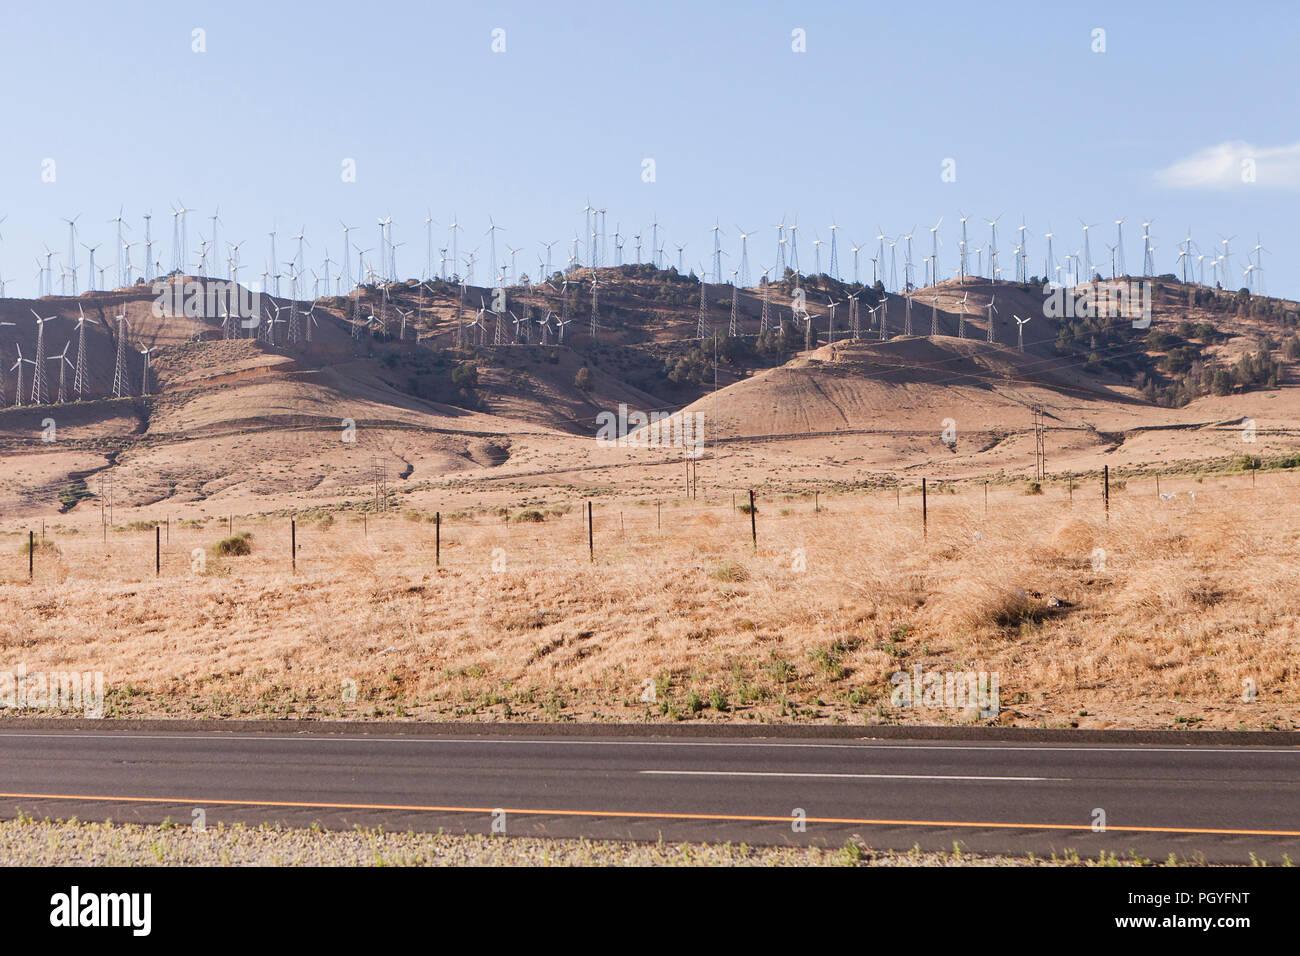 Les éoliennes à l'Alta (Centre d'énergie éolienne Parc éolien de Mojave) - Tehachapi Pass, California USA Photo Stock